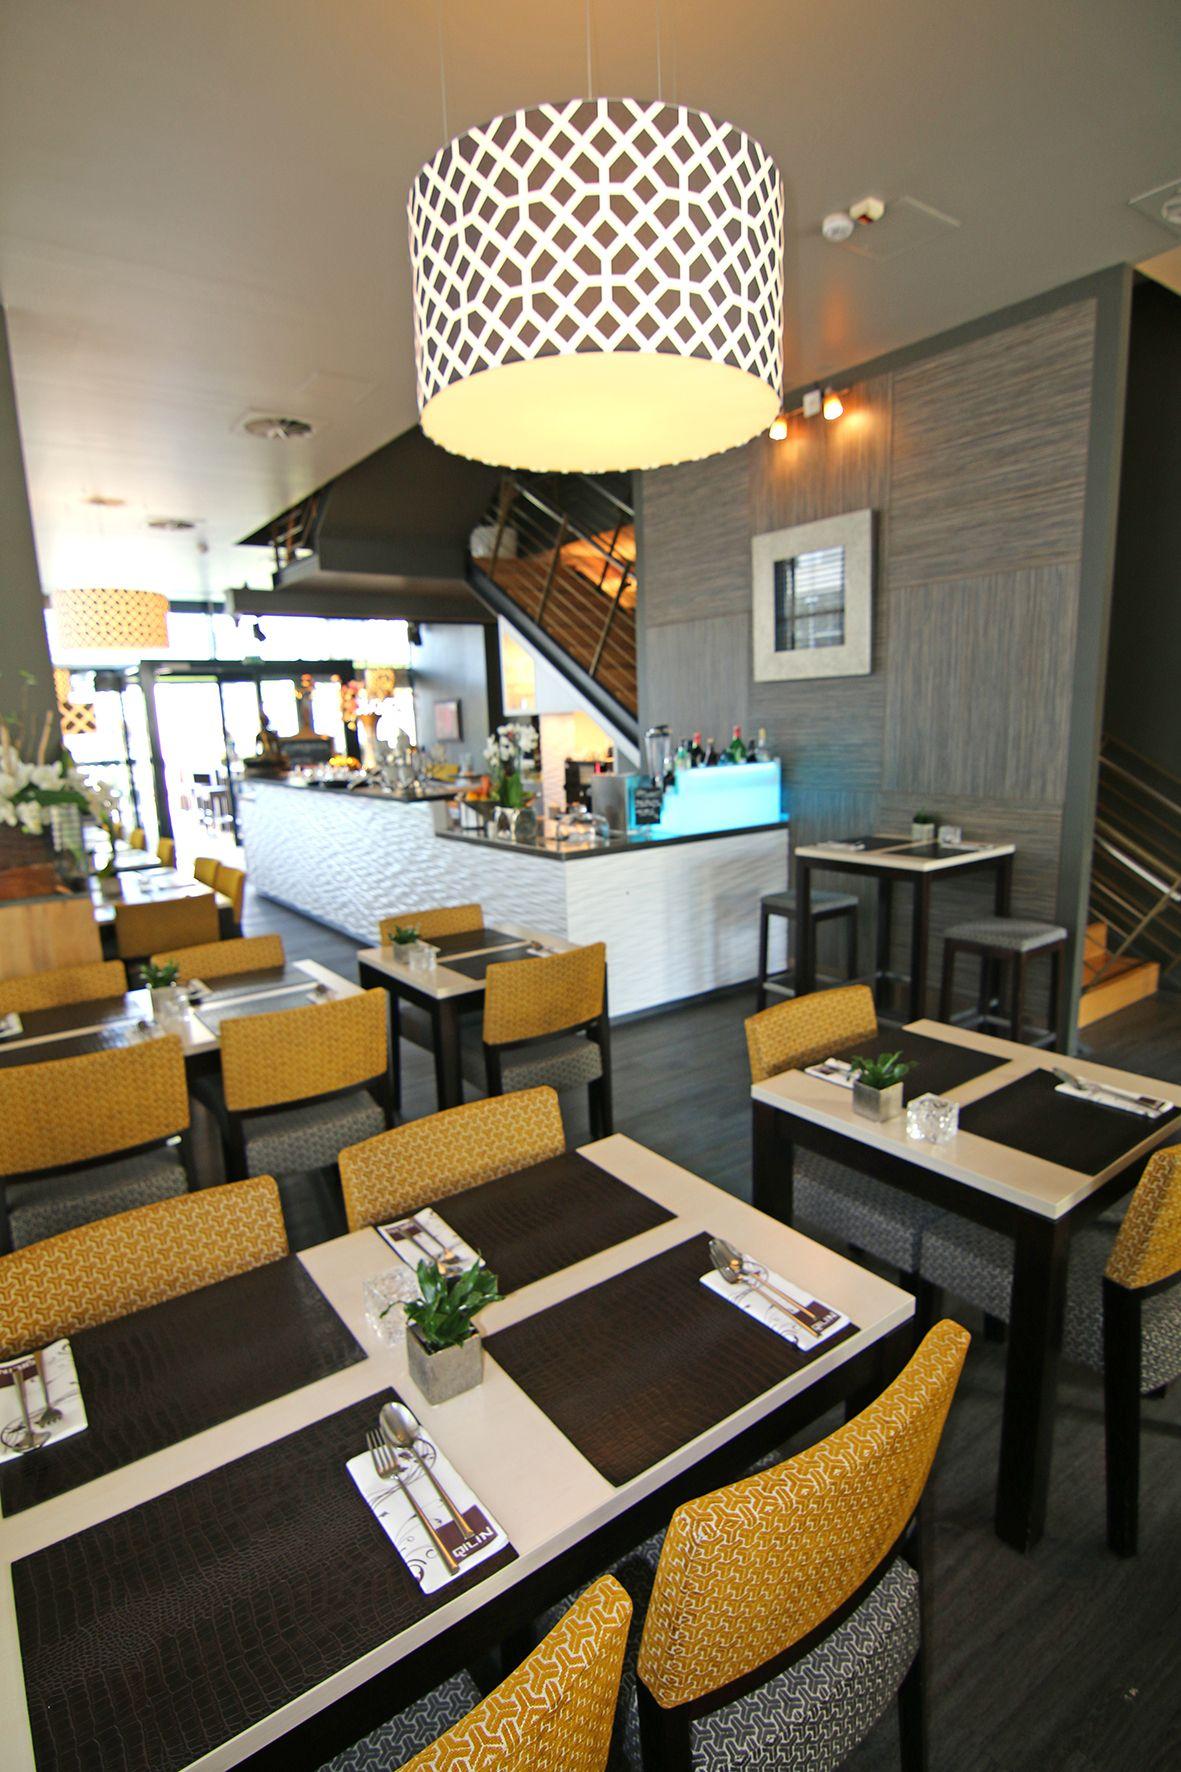 pin von stuhlfabrik schnieder gastronomiem bel seit 1918 auf hotel restaurant gastronomie. Black Bedroom Furniture Sets. Home Design Ideas